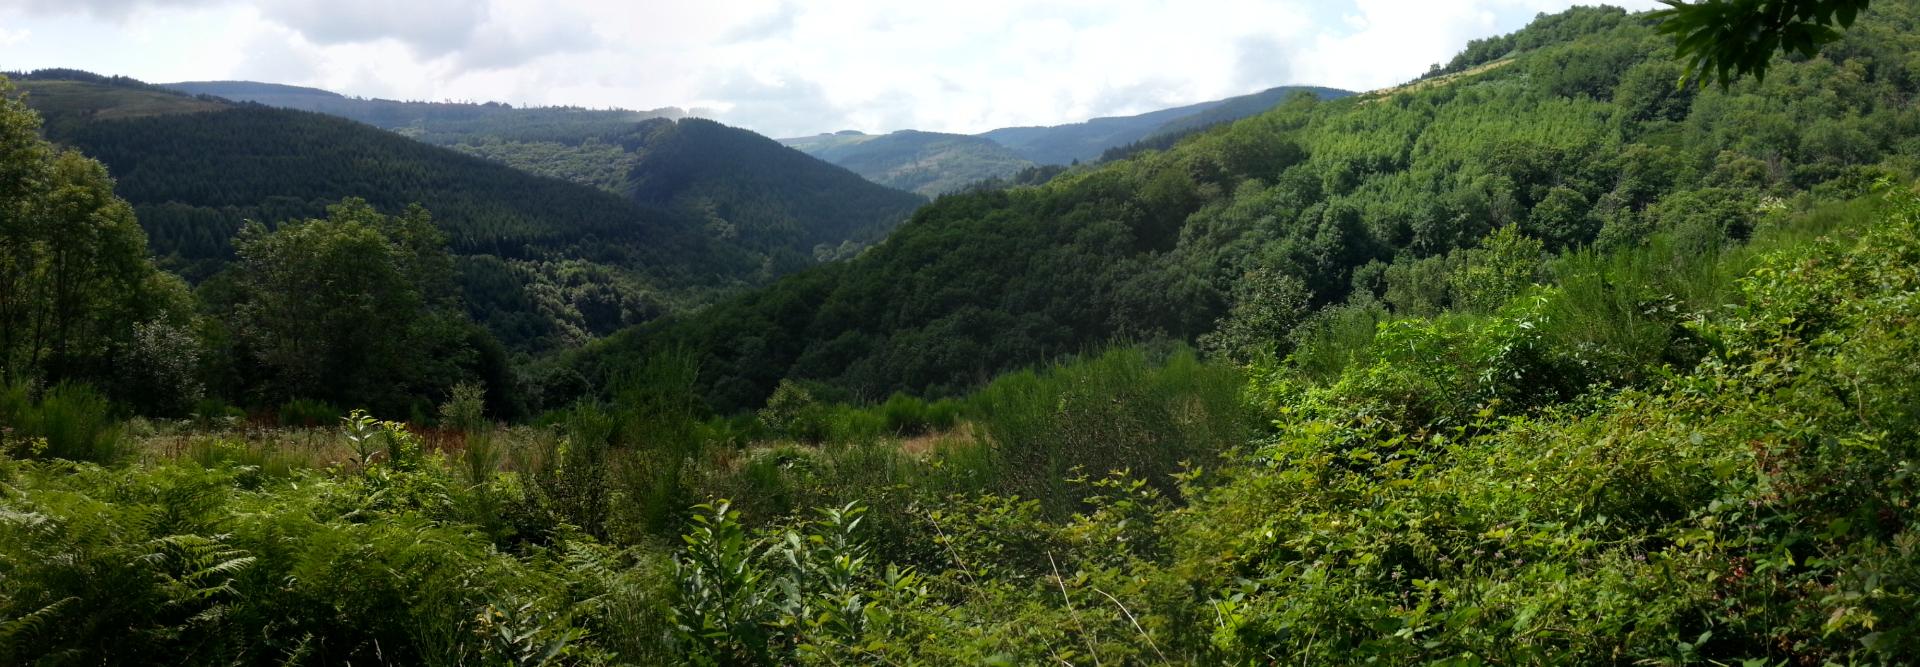 Mint Field View